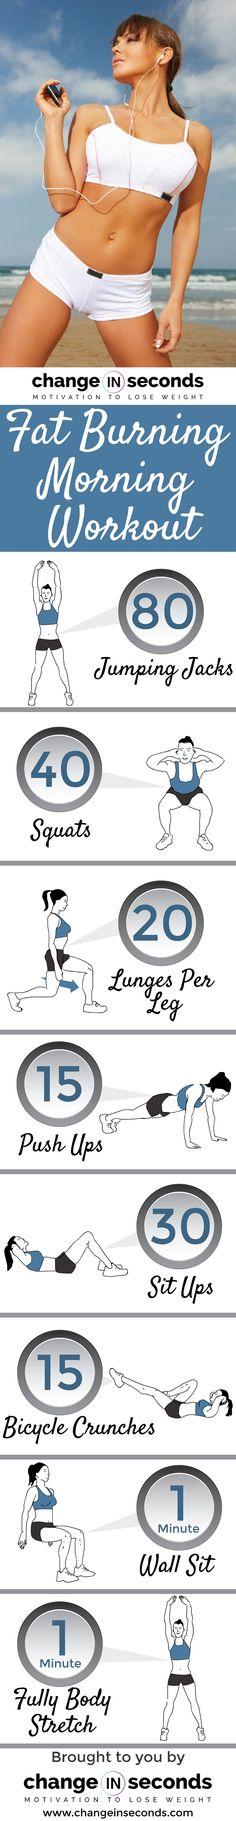 Fat Burning Morning Workout (Download PDF)